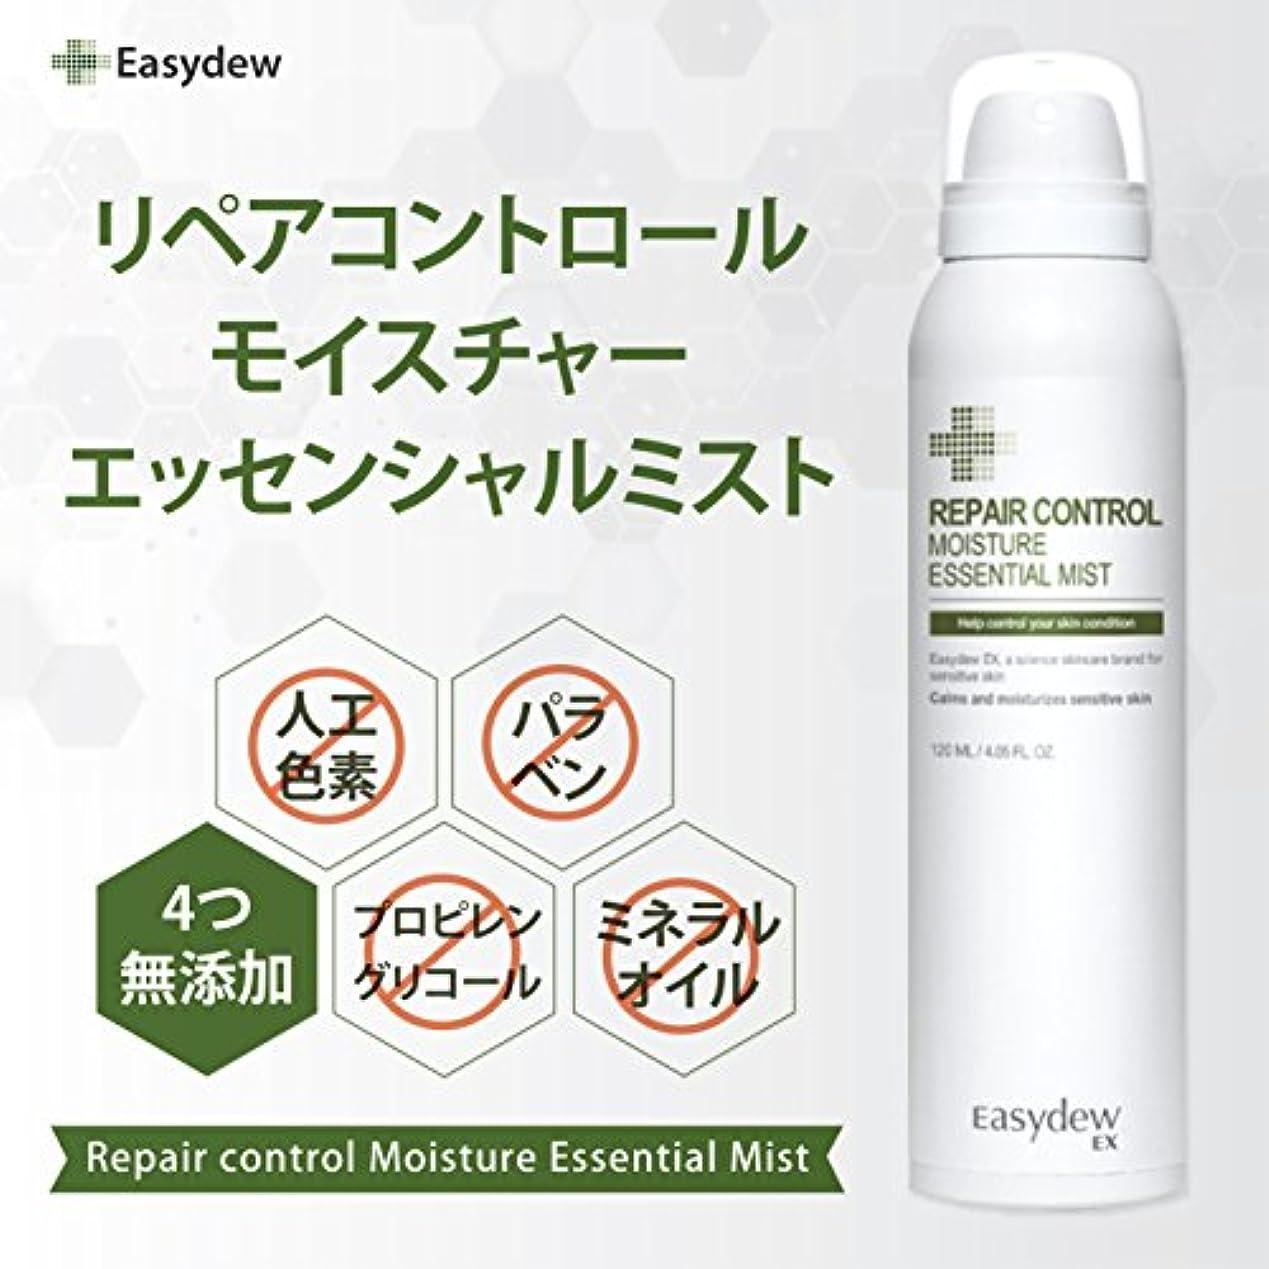 どきどき確認してください話すEASYDEW EX リペア コントロール モイスチャー エッセンシャル ミスト Repair Control Moisture Essential Mist 120ml